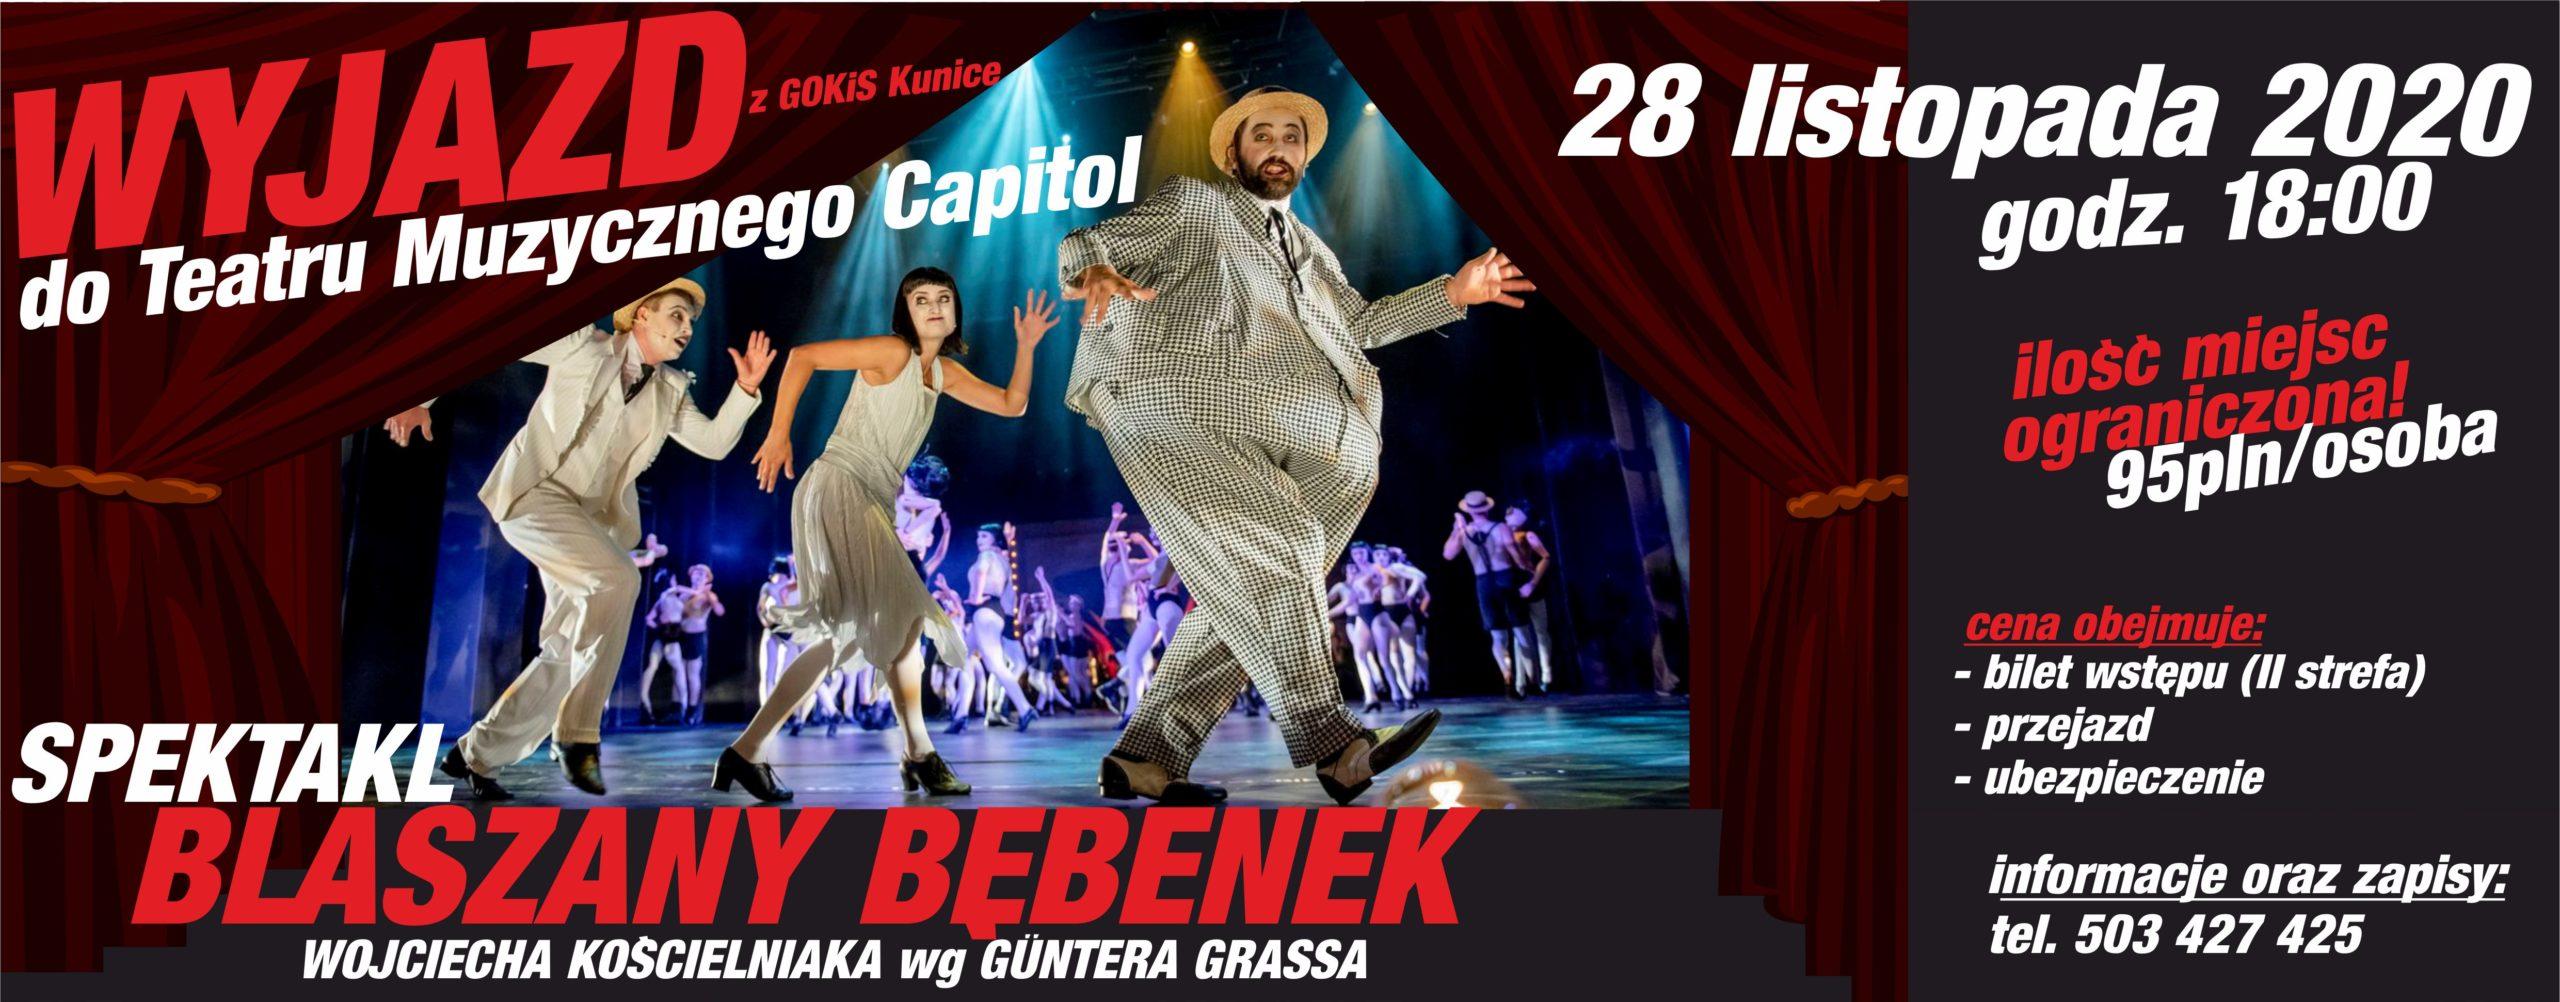 http://www.gokis-kunice.pl/2020/09/28/wyjazd-do-teatru-muzycznego-capitol/